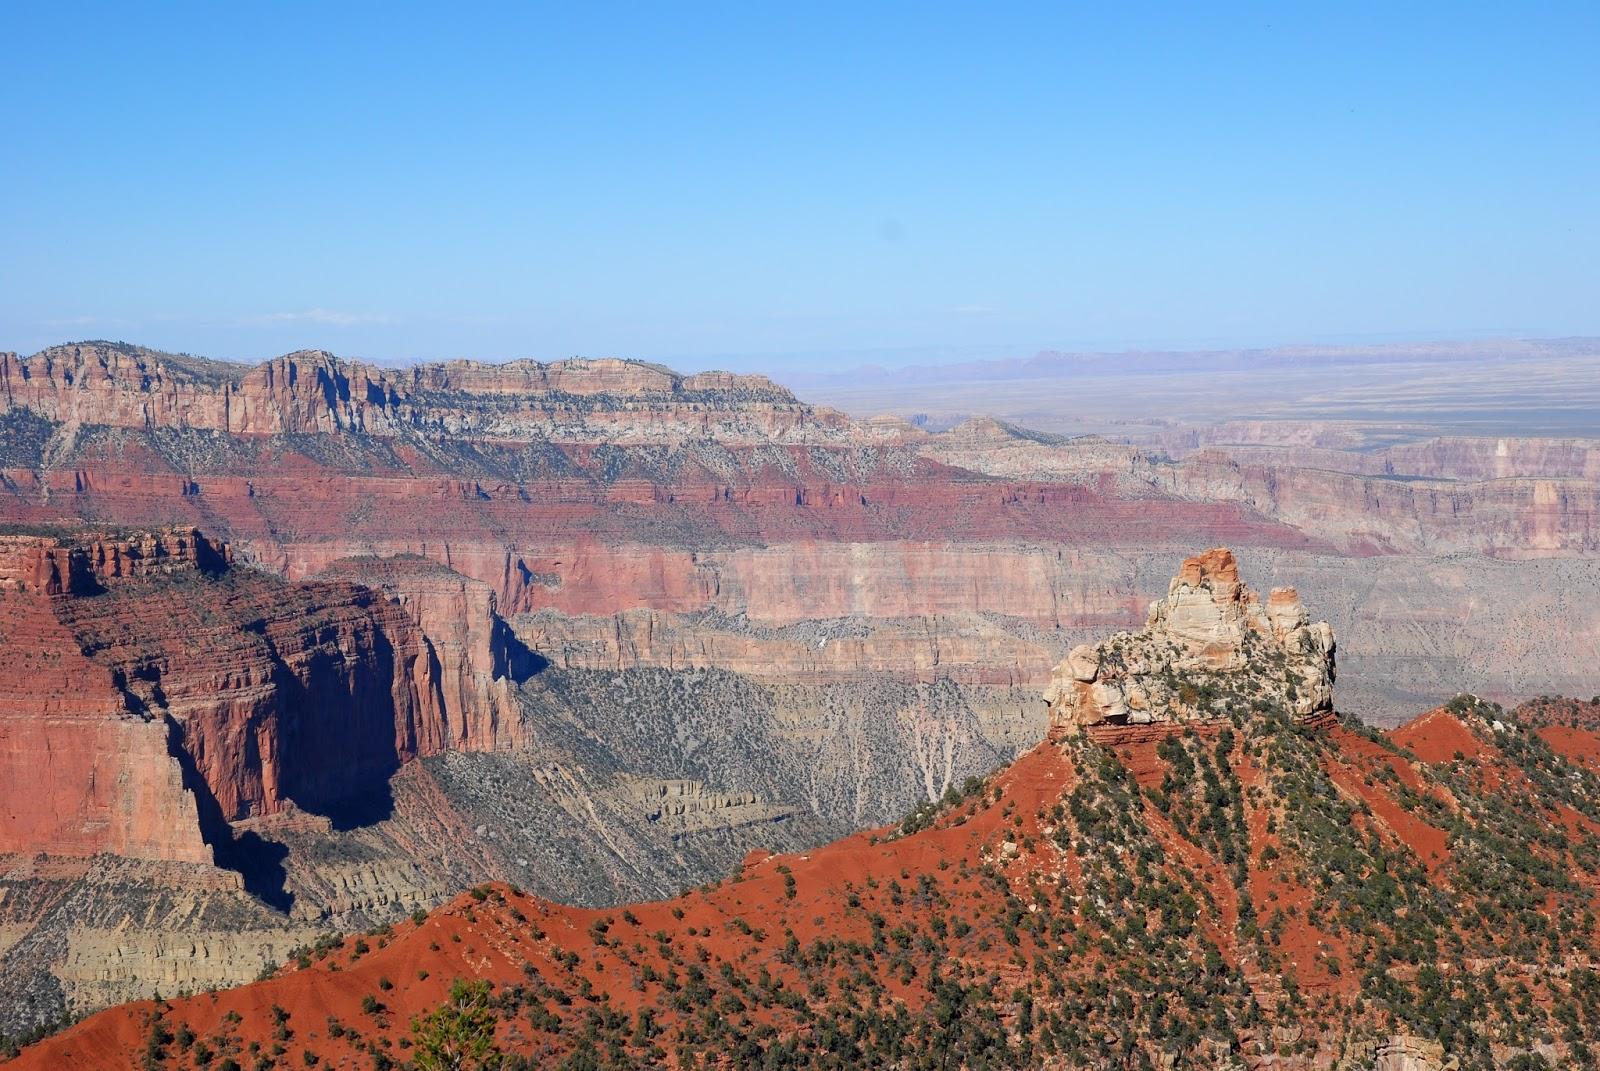 【美國】深談美國大峽谷國家公園系列文 Grand Canyon National Park - 【攝影旅者】美國國家公園與世界自助旅行遊記